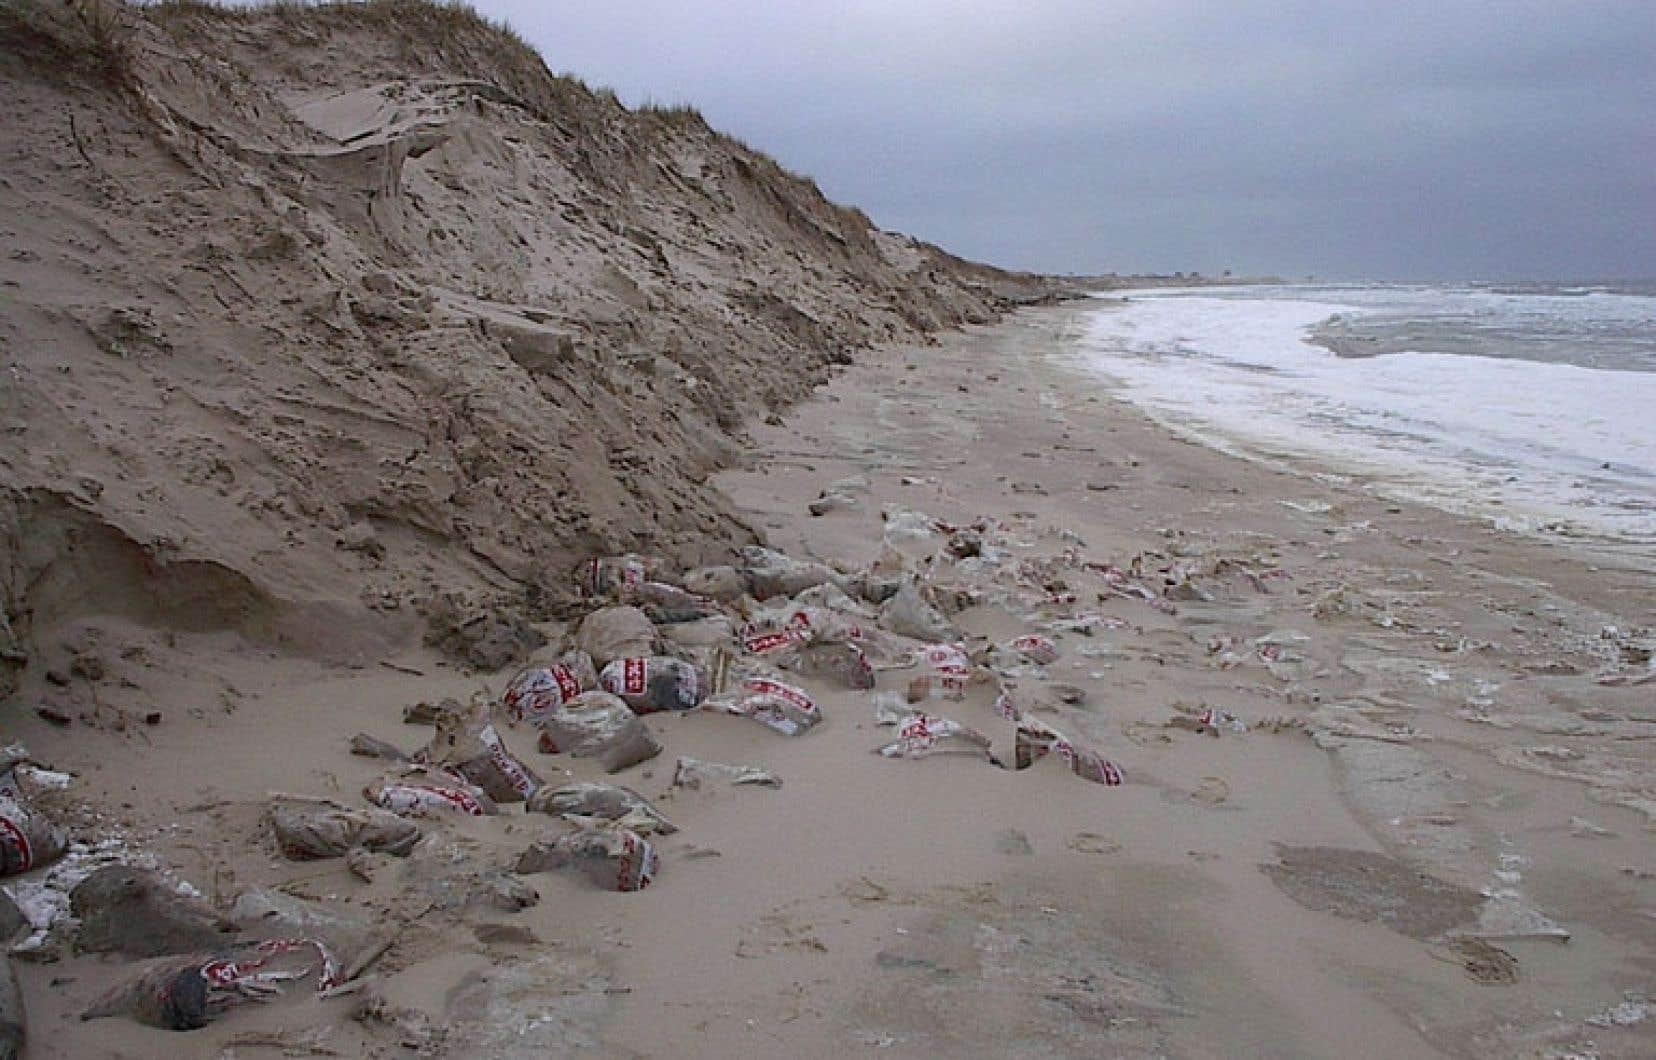 «Je croyais que les sacs avaient été sortis des îles et traités, mais quand j'ai su qu'on les avait enterrés sous les dunes et qu'on marchait probablement tous les jours dessus sur la plage sans même le savoir, ça m'a révolté. Je le suis encore, d'ailleurs.» — Roberto Chevarie, résidant des îles de la Madeleine